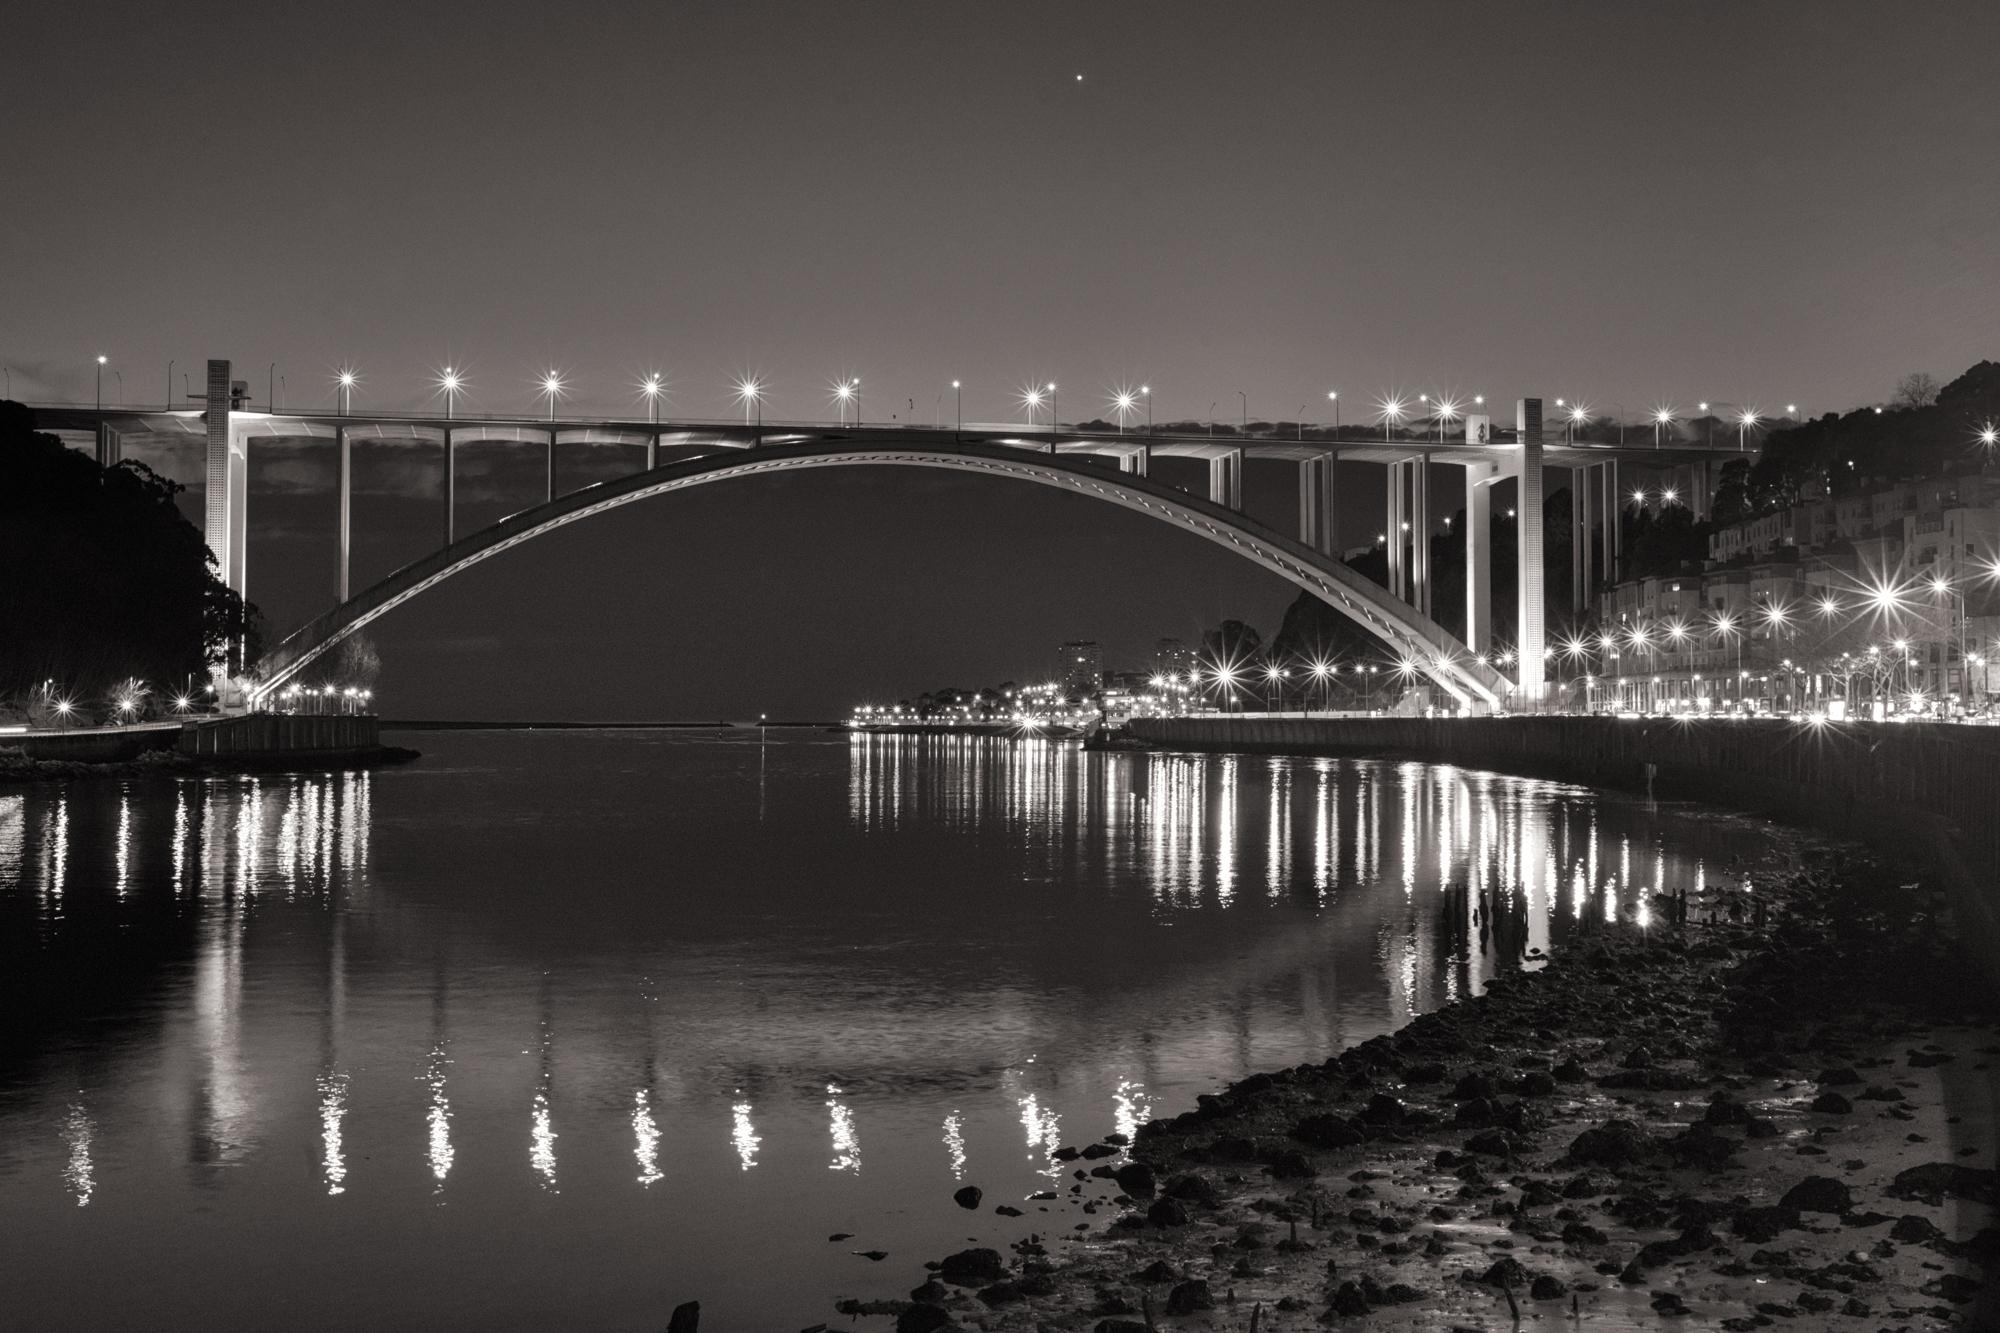 Arrábida - Porto, Portugal, blackandwhite - ryanopaz | ello